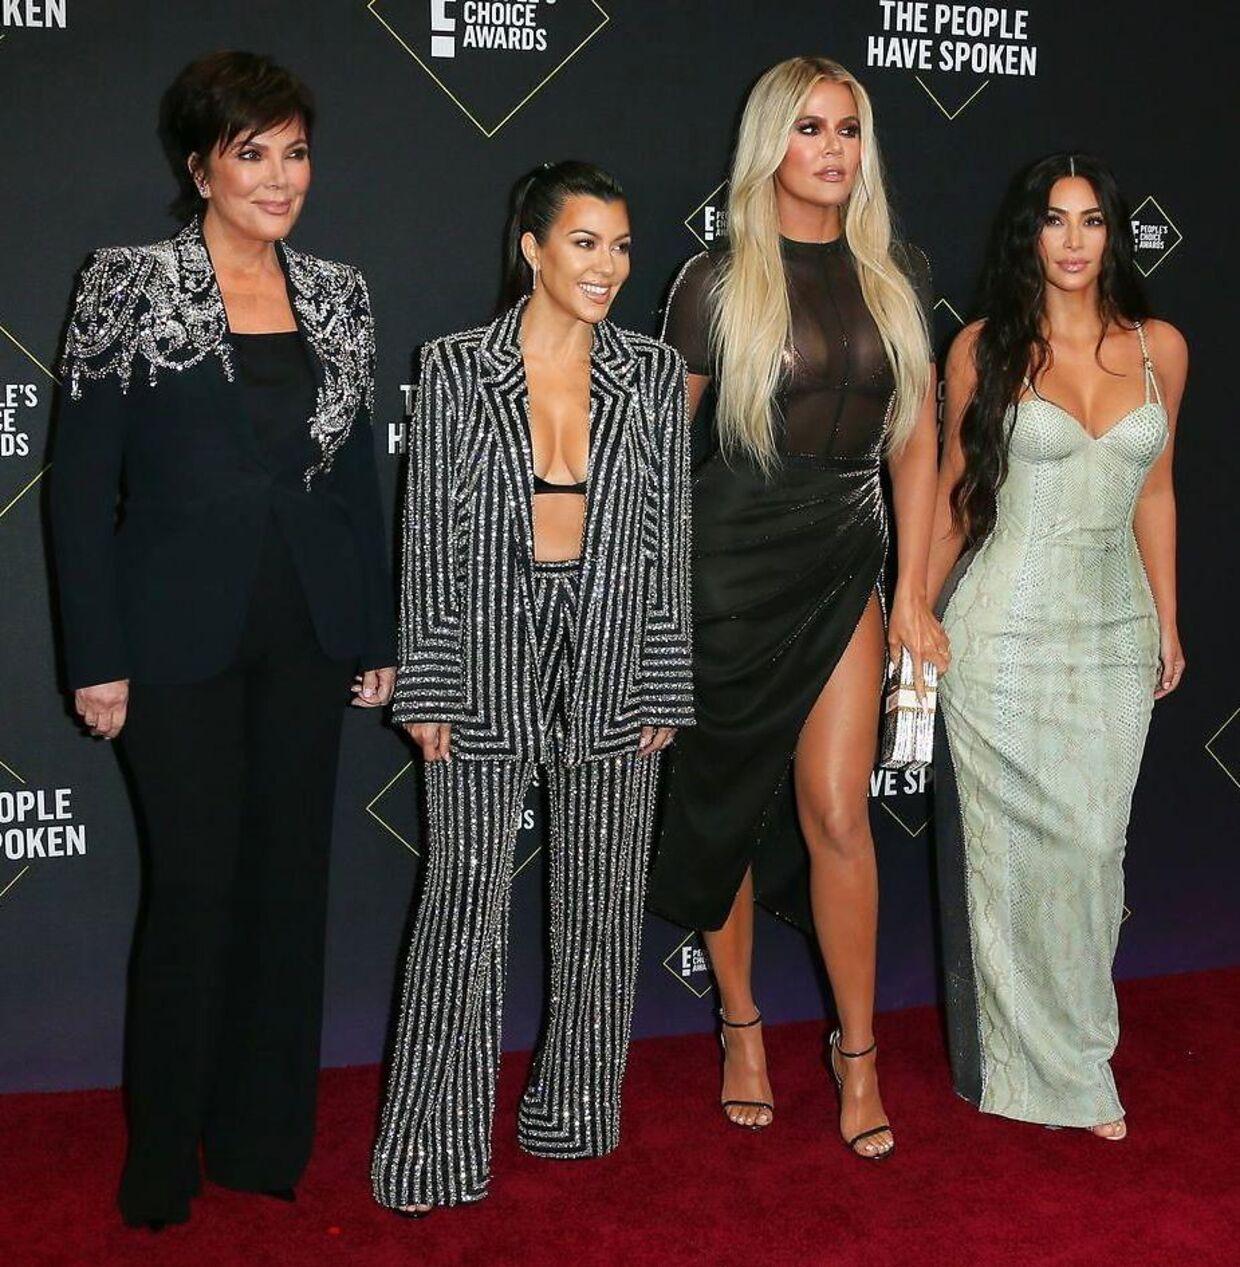 Kourtney Kardashian (i det stribede jakkesæt) med sin mor Kris Jenner og søstrene Khloé Kardashian og Kim Kardashian.